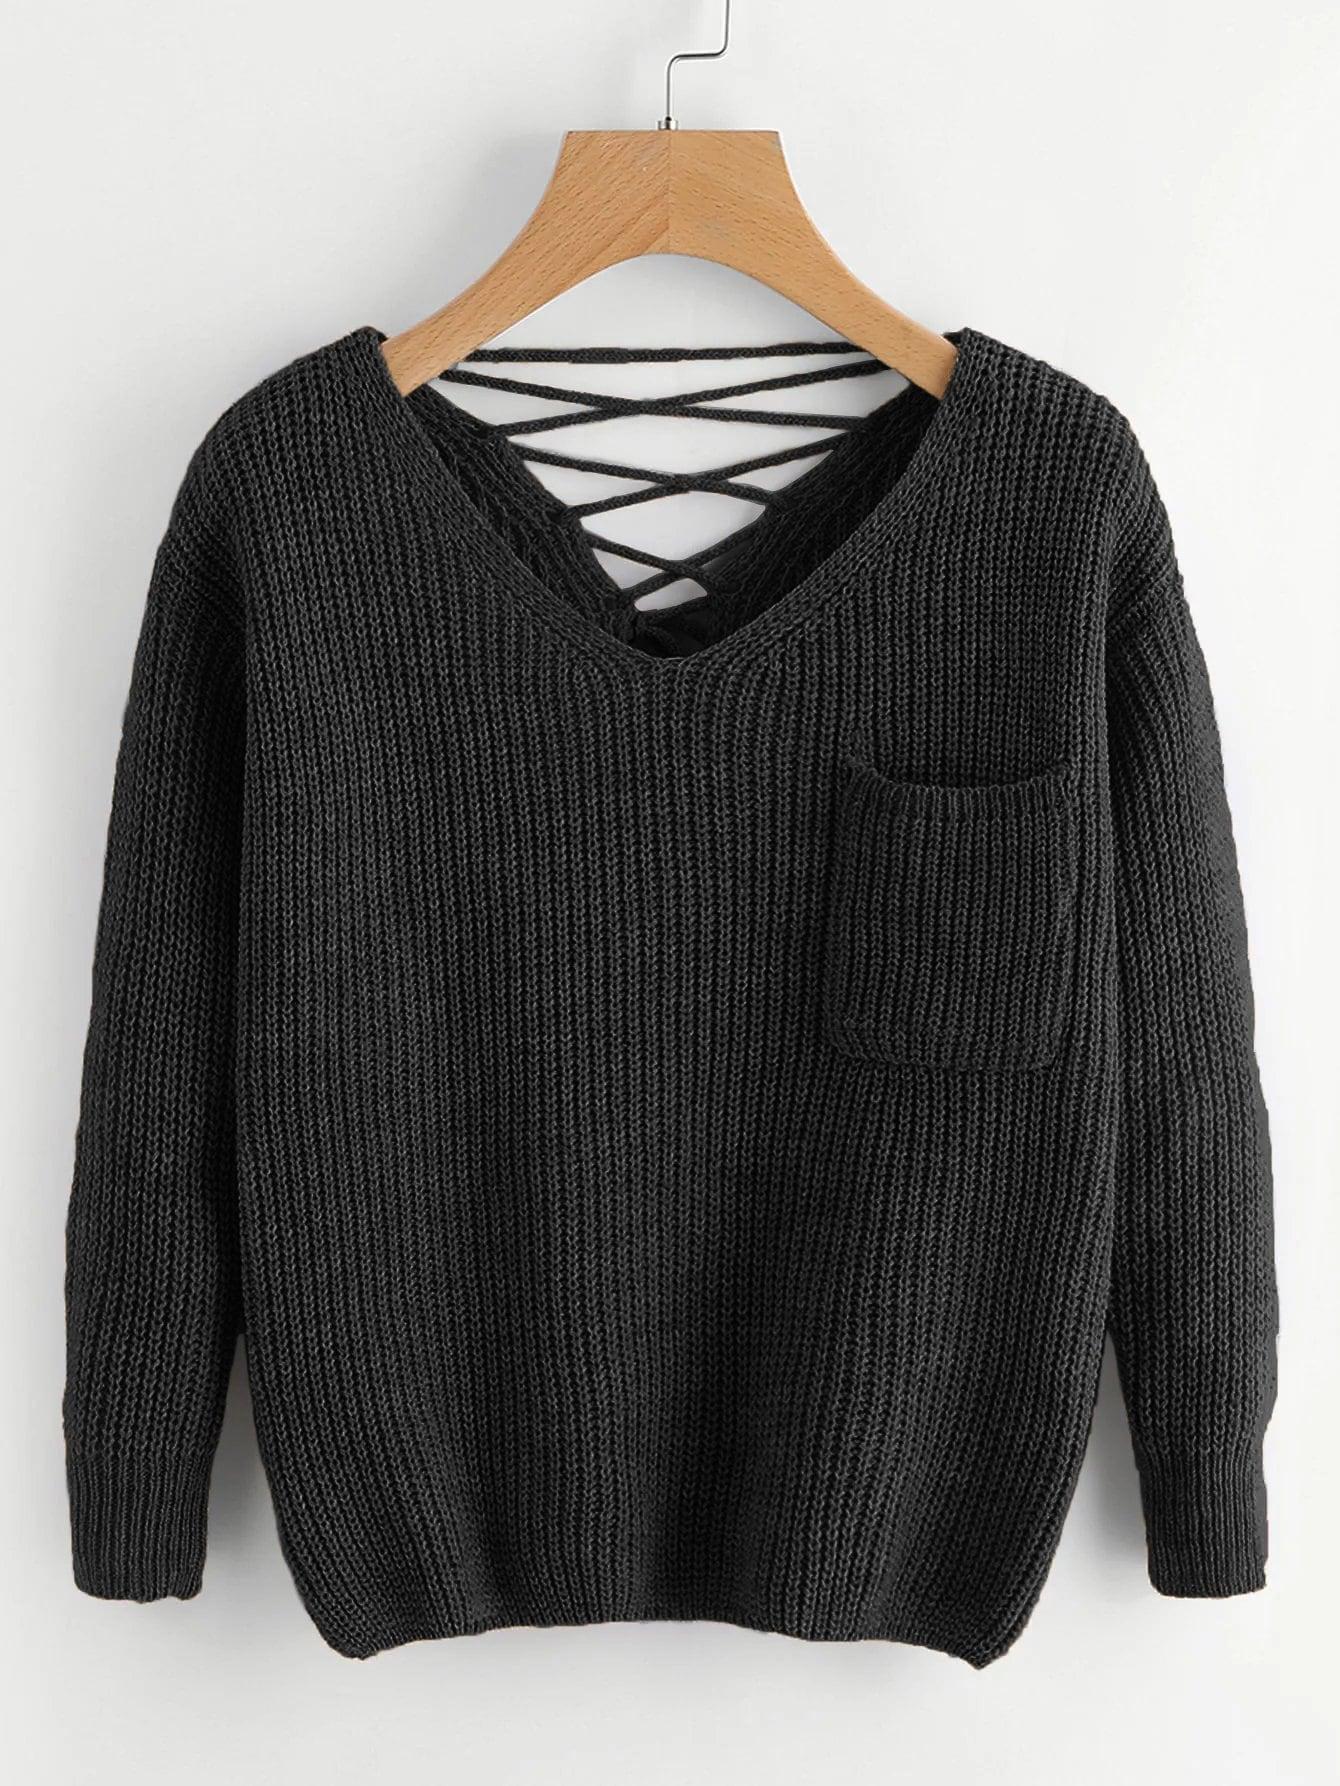 Фото - Вязаный свитер с шнурками назад и двумя V-образного выреза от SheIn черного цвета